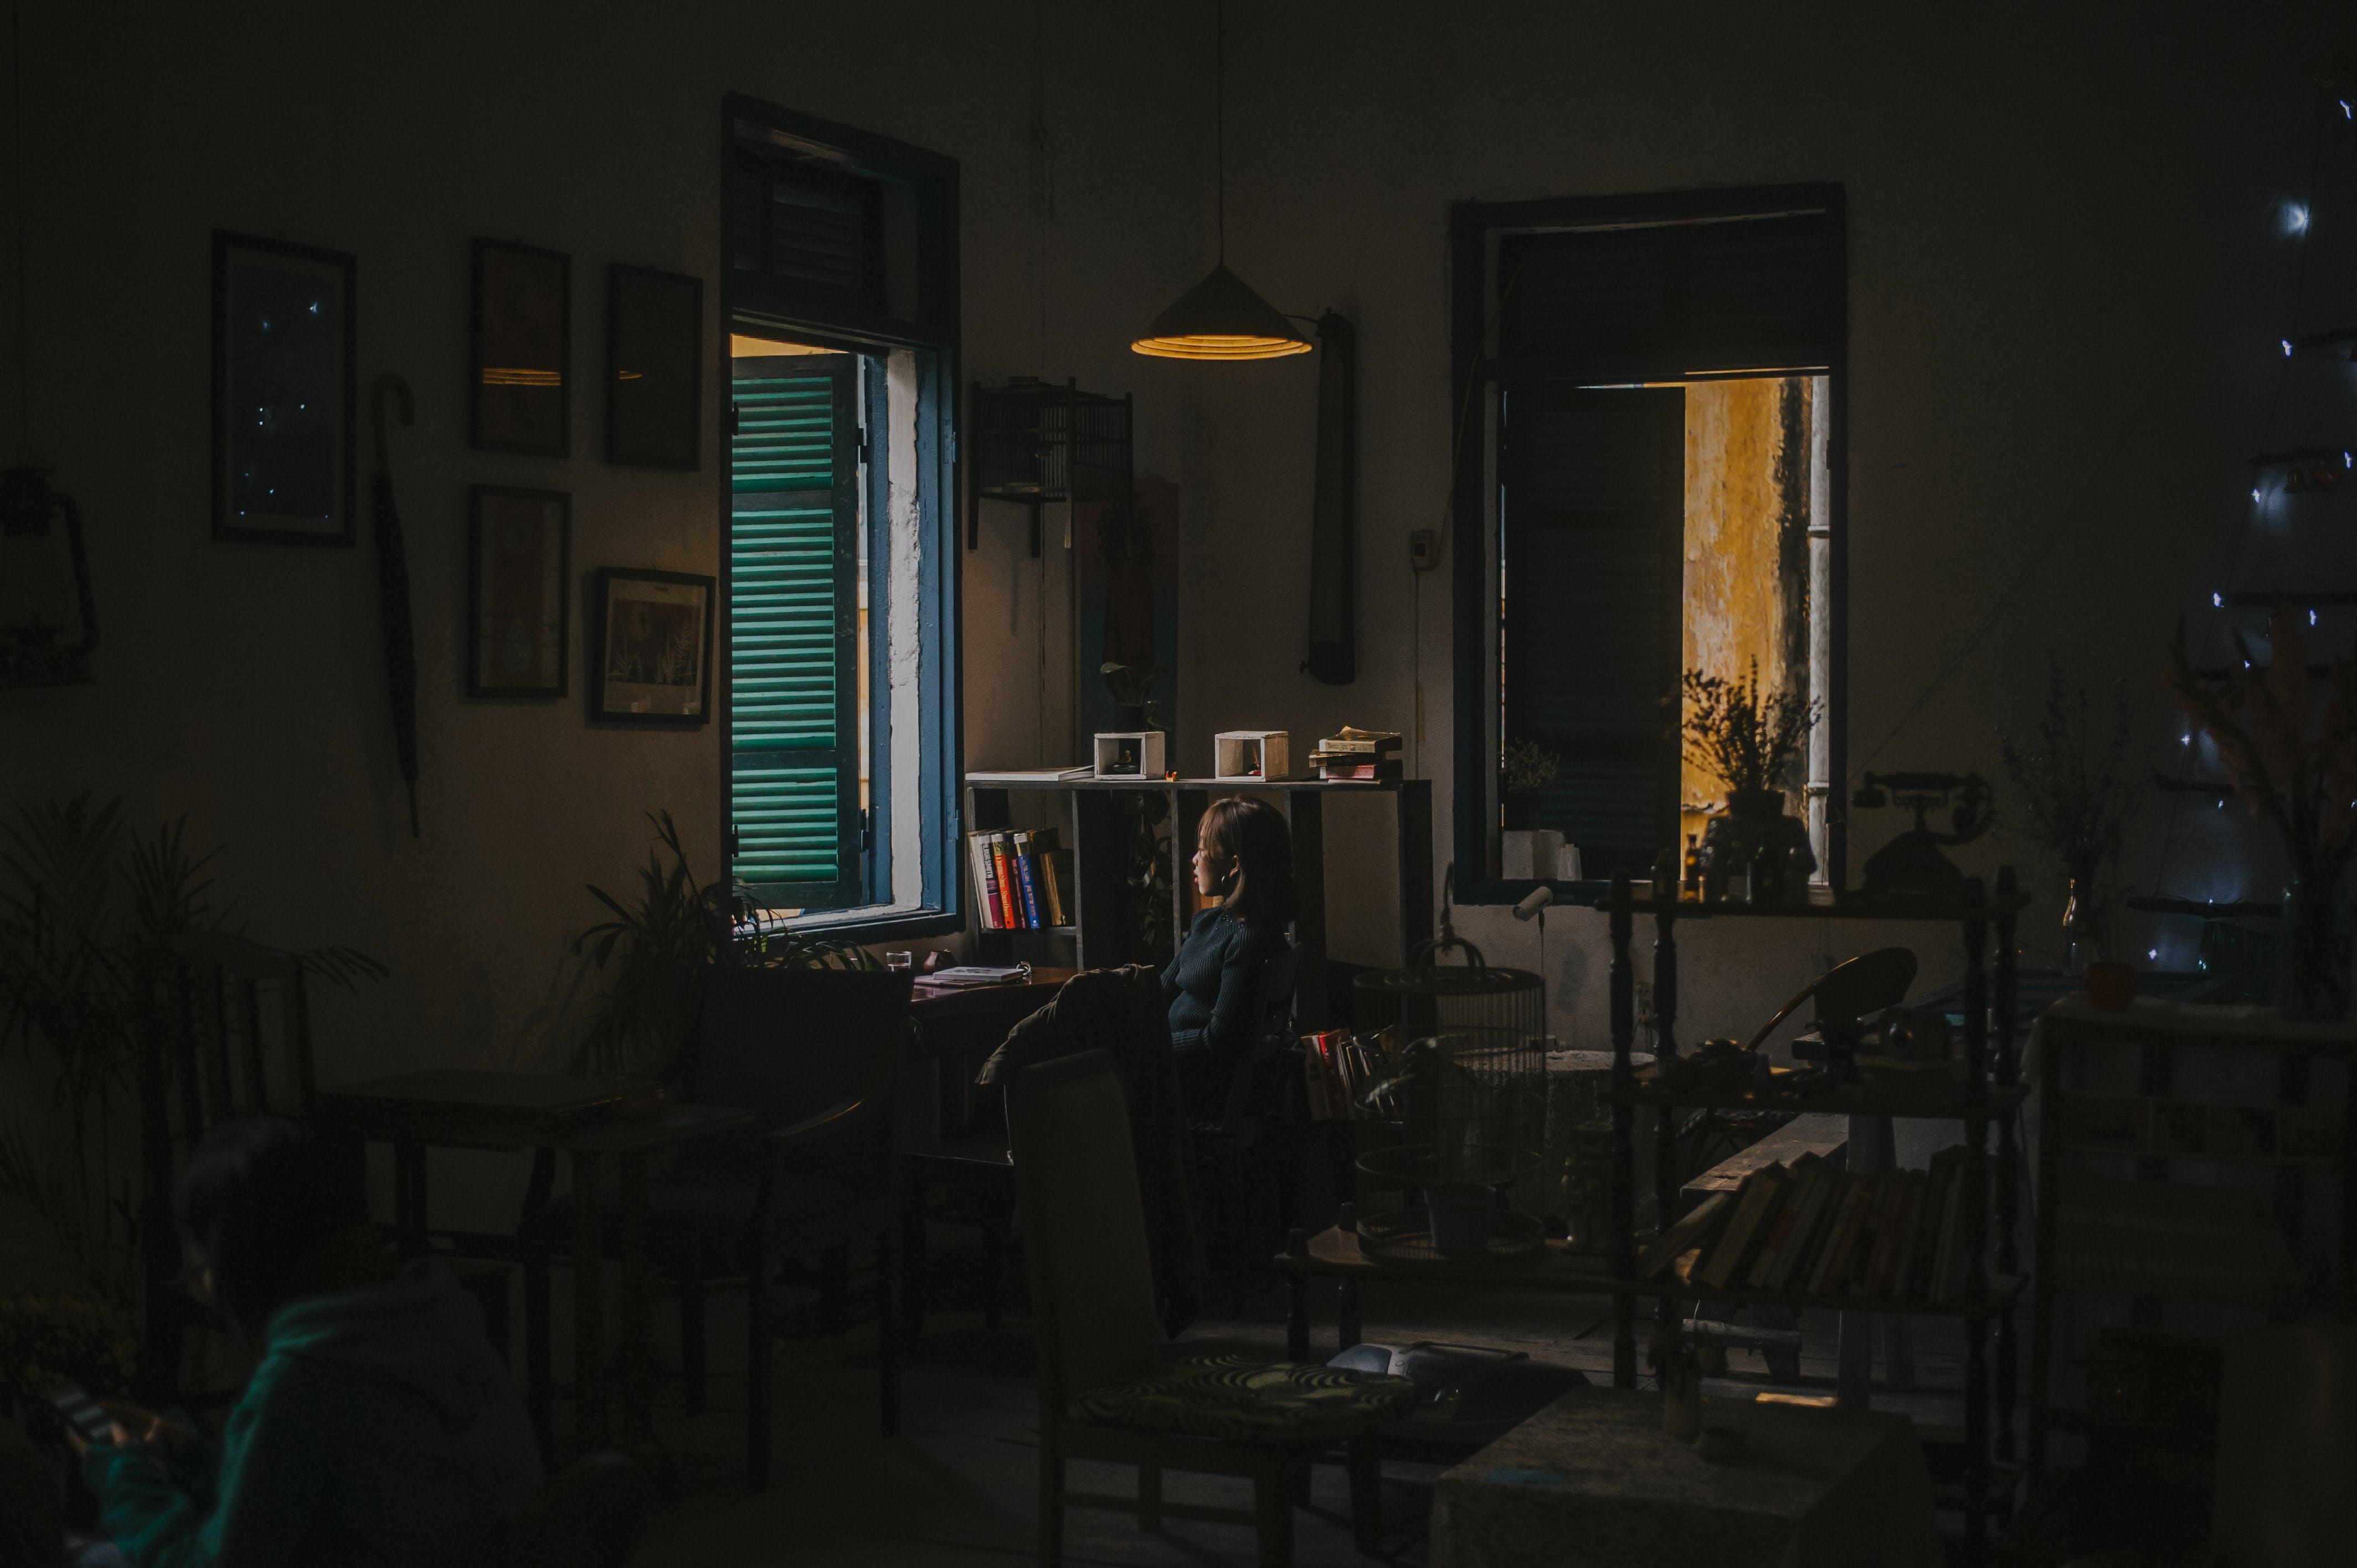 Kostnadsfri bild av arkitektur, inredningsdesign, lampa, ljus